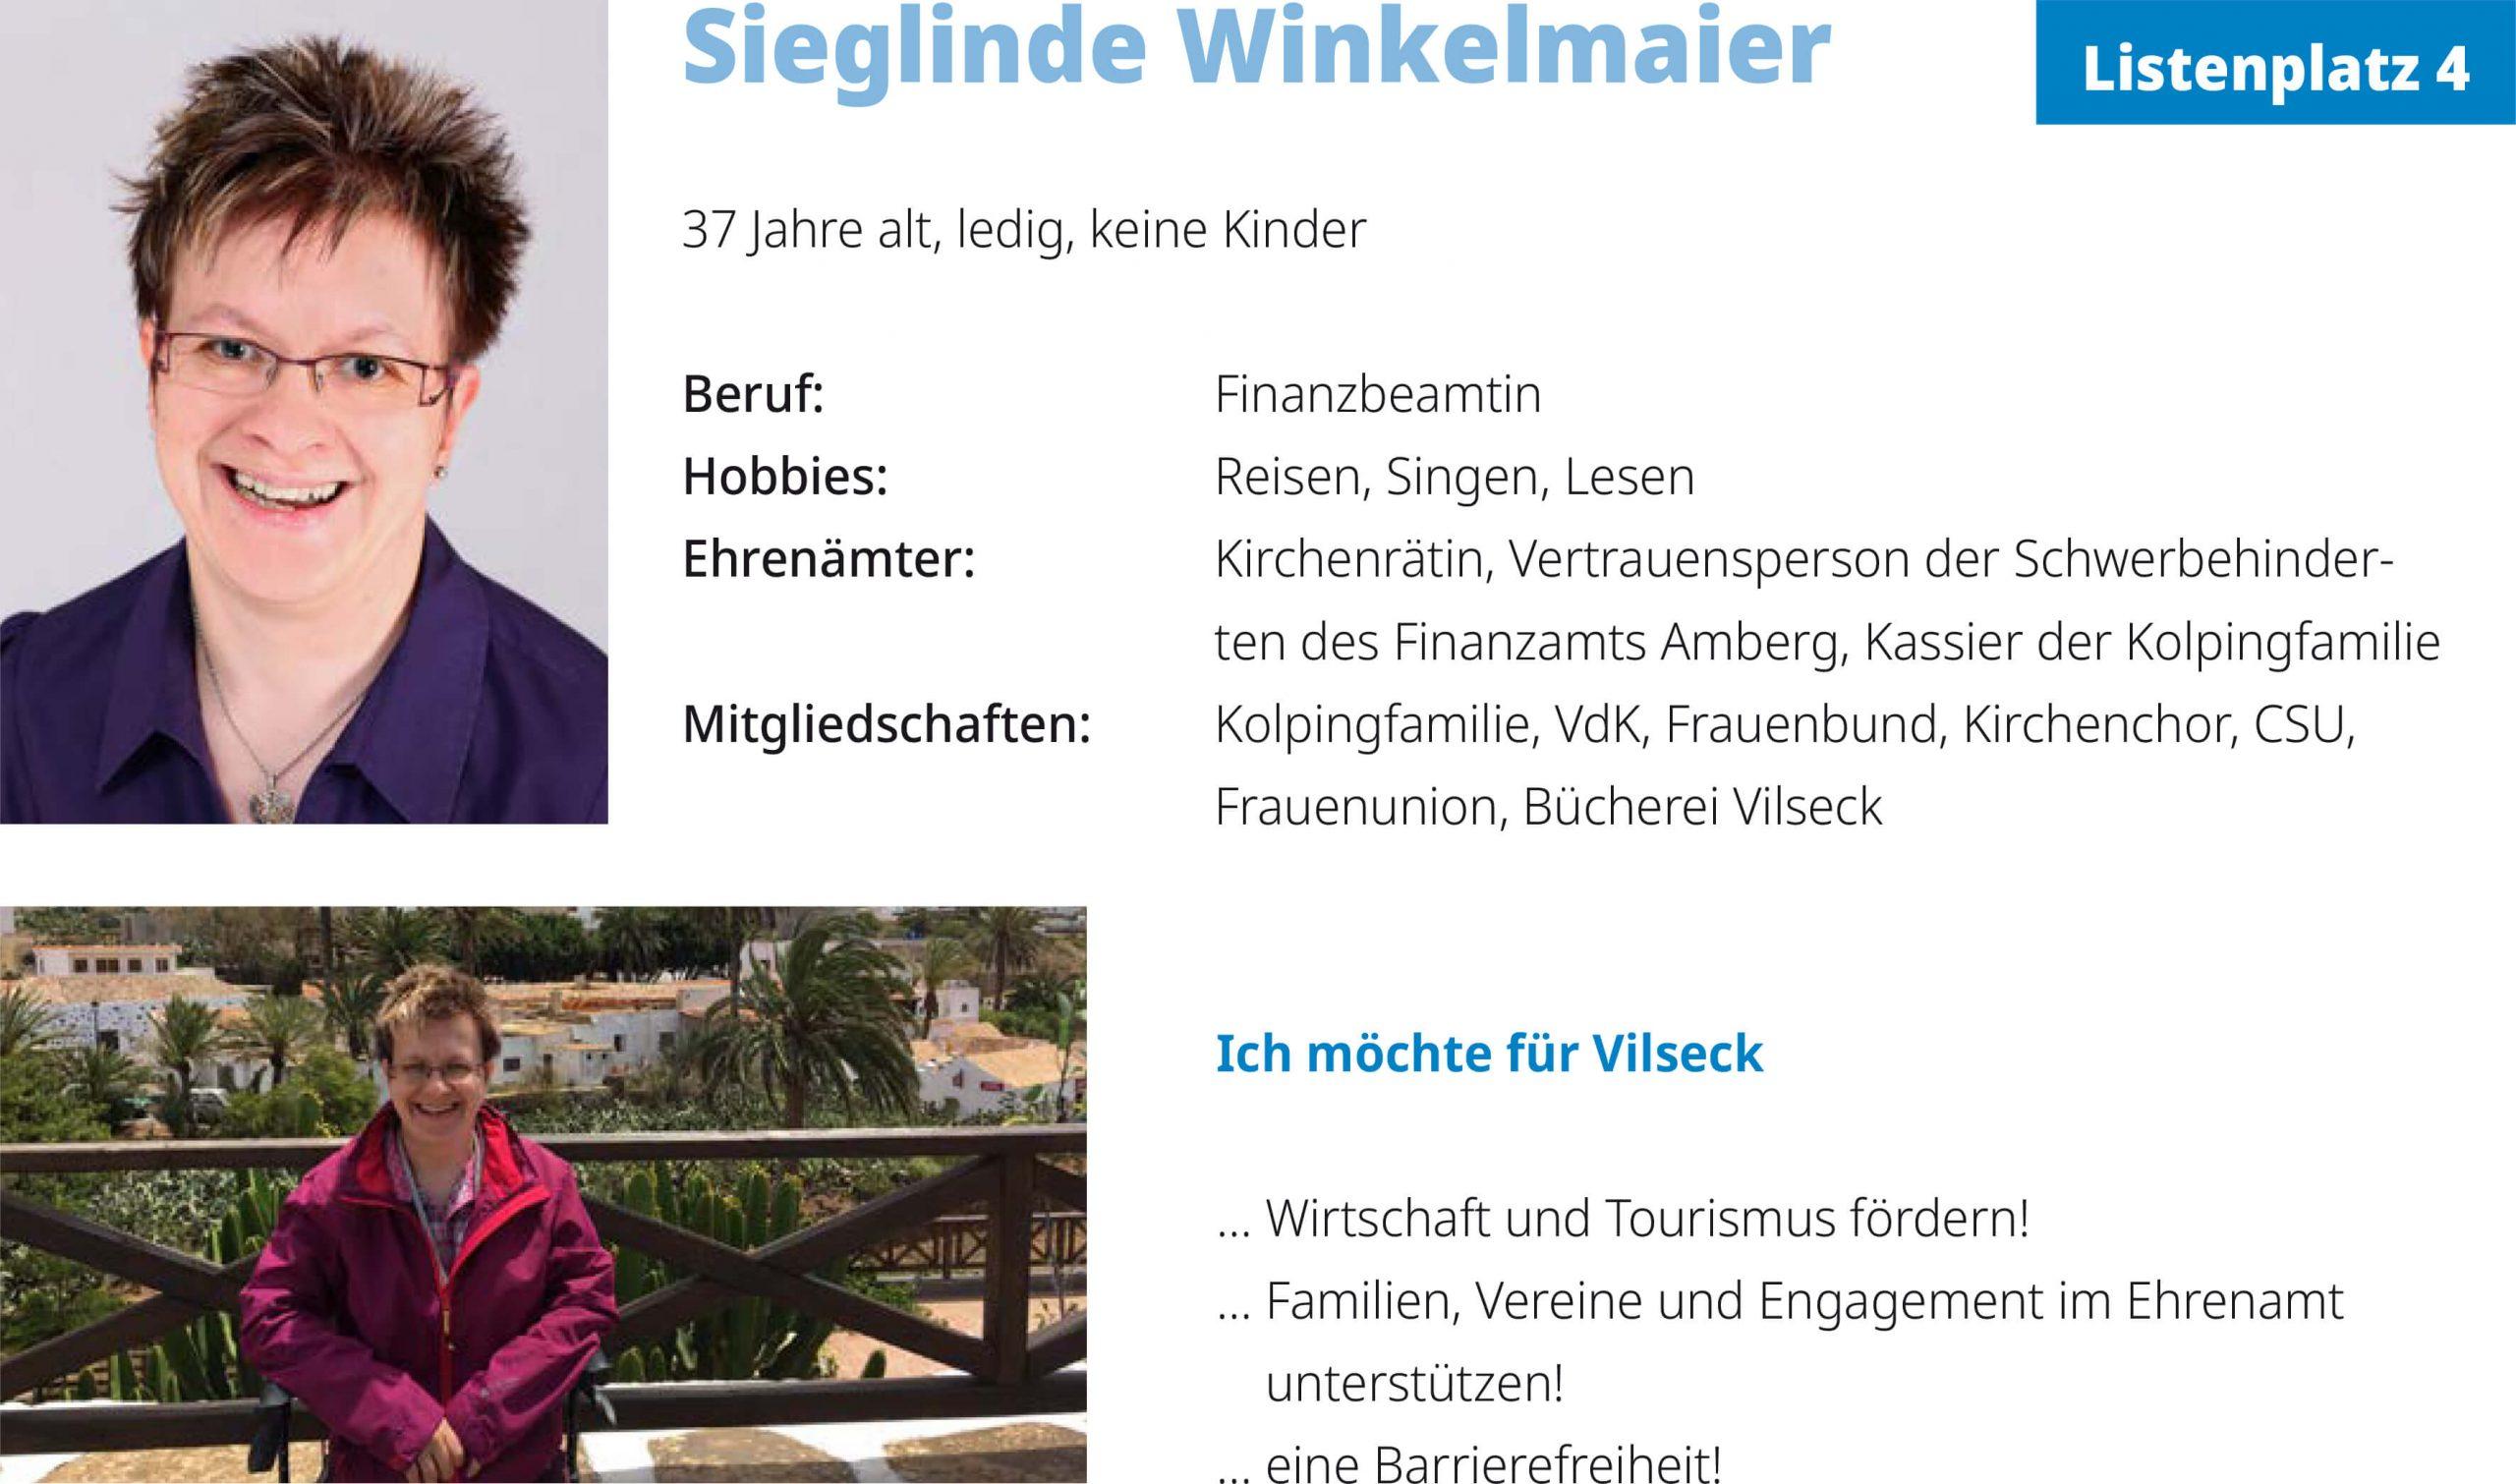 Sieglinde Winkelmaier